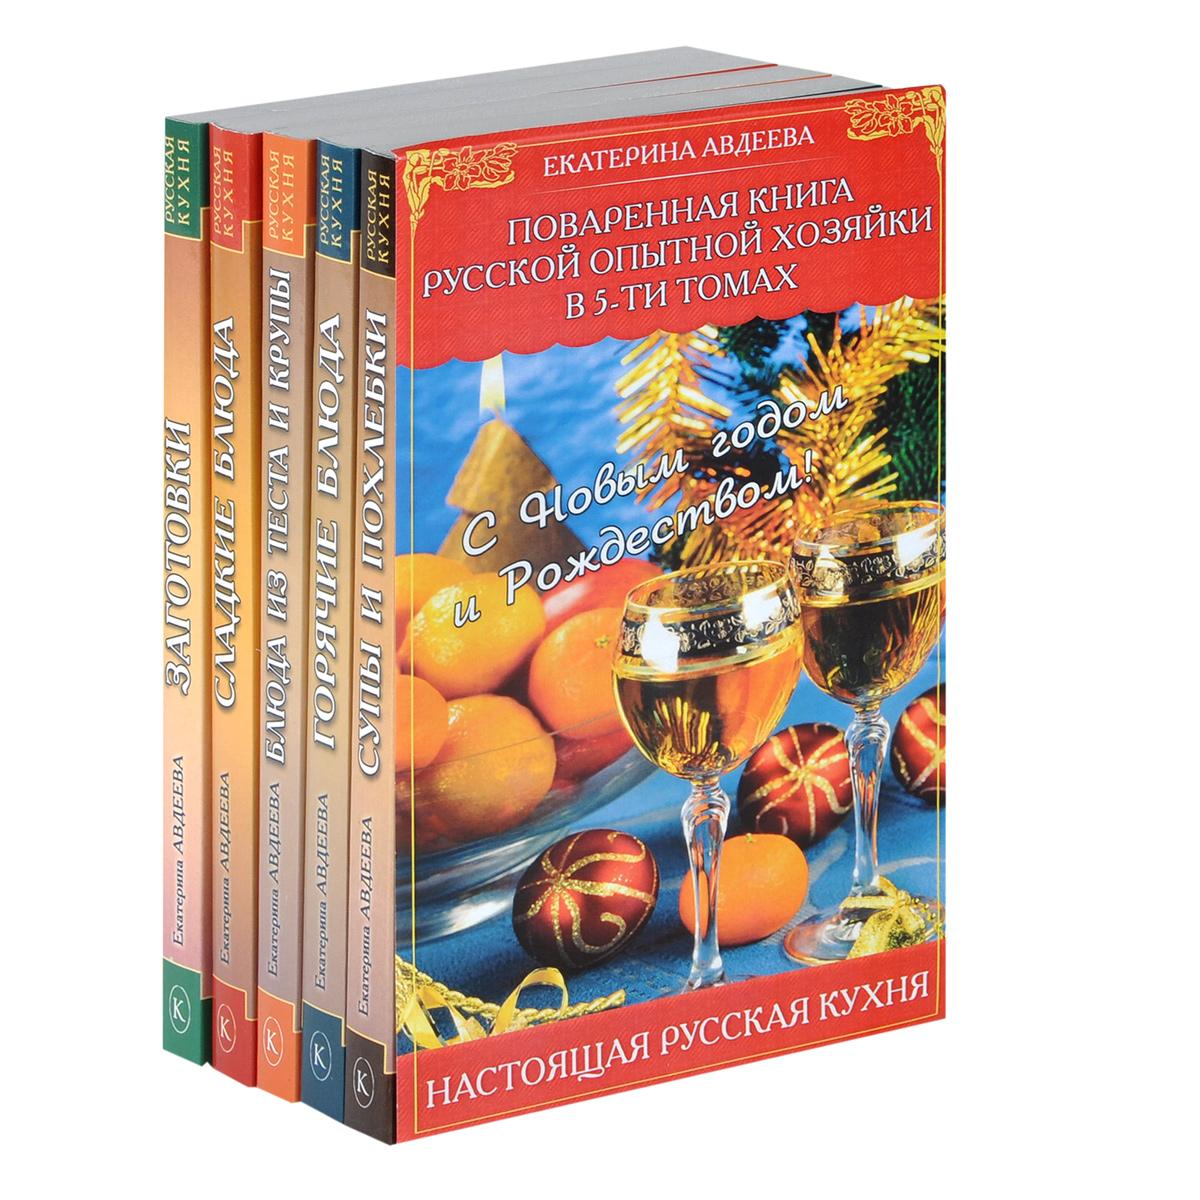 Поваренная книга русской опытной хозяйки (комплект из 5 книг)